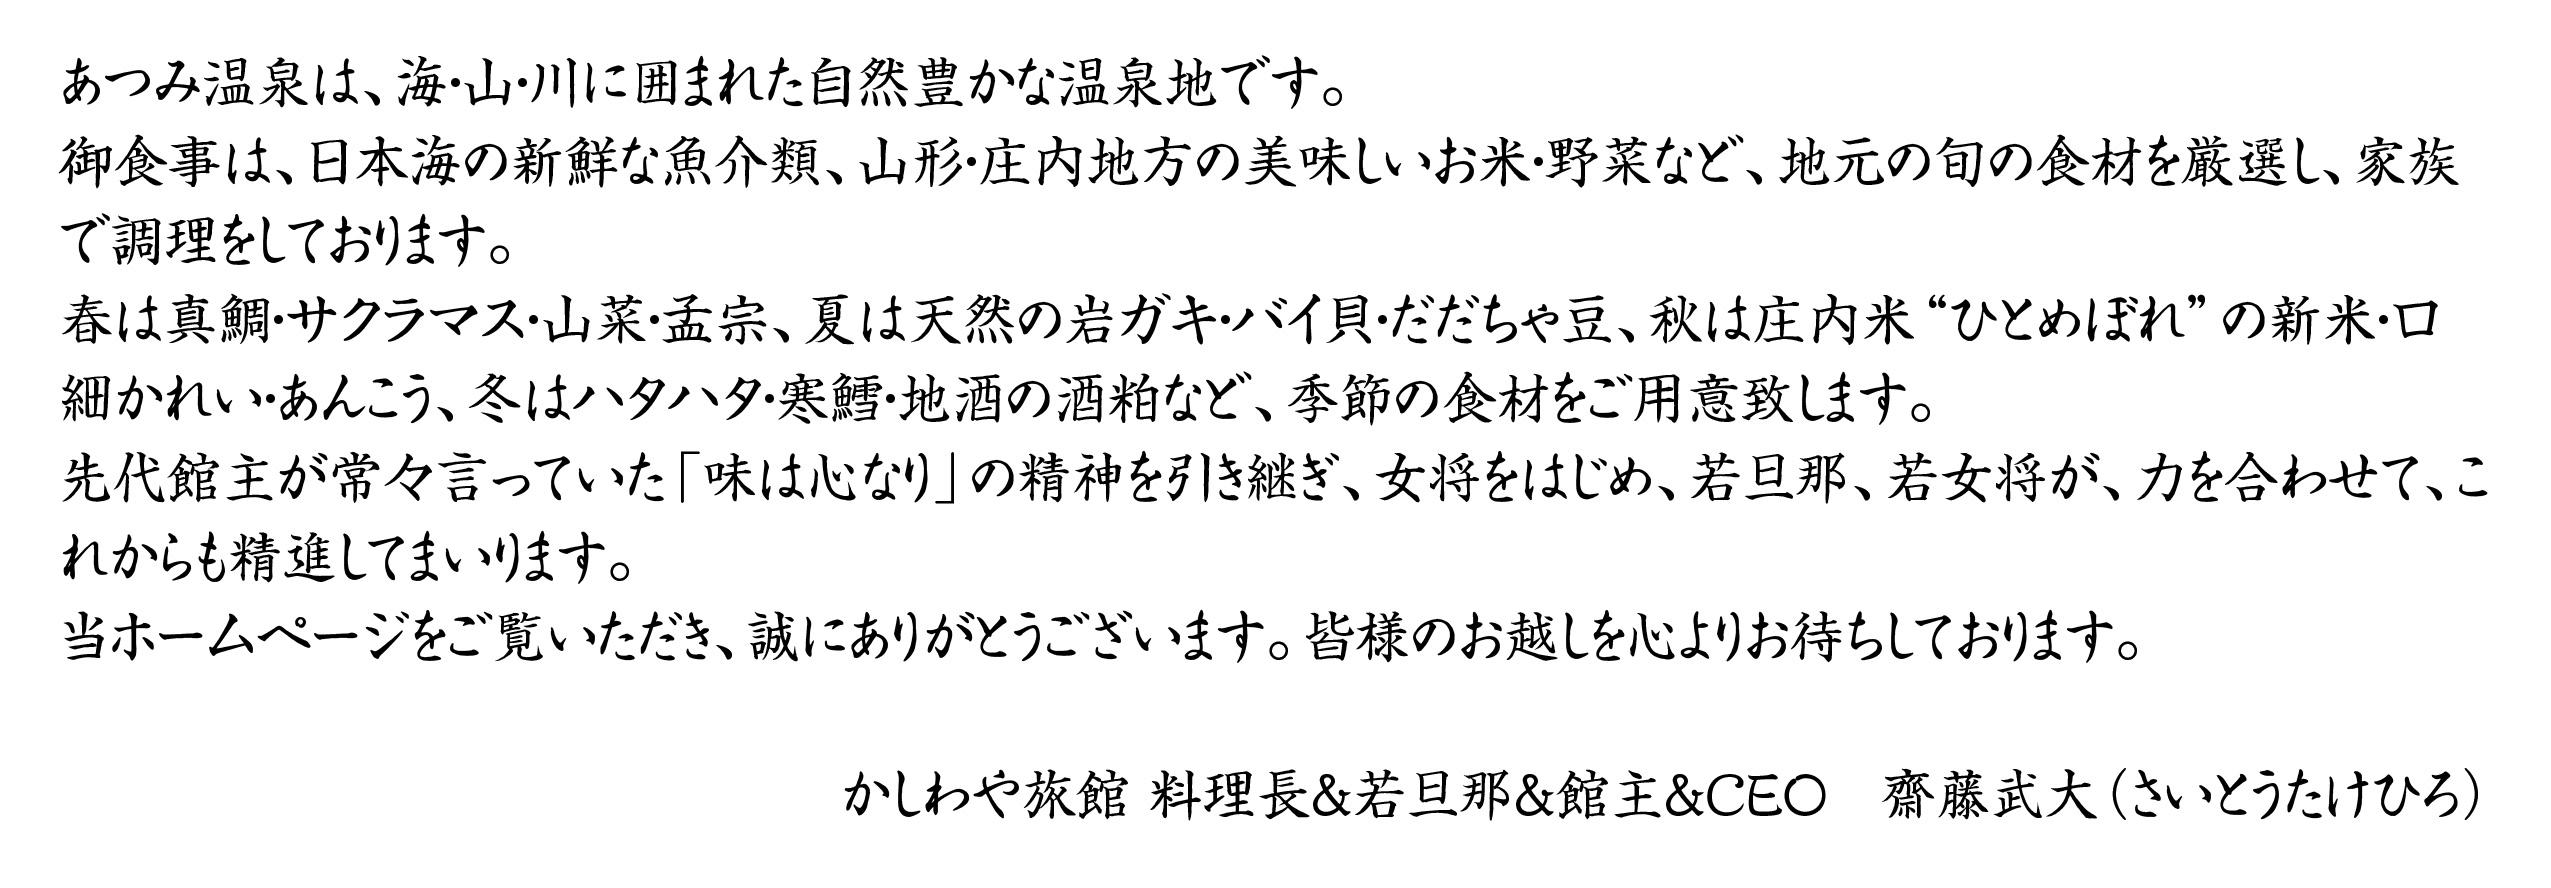 挨拶文-01